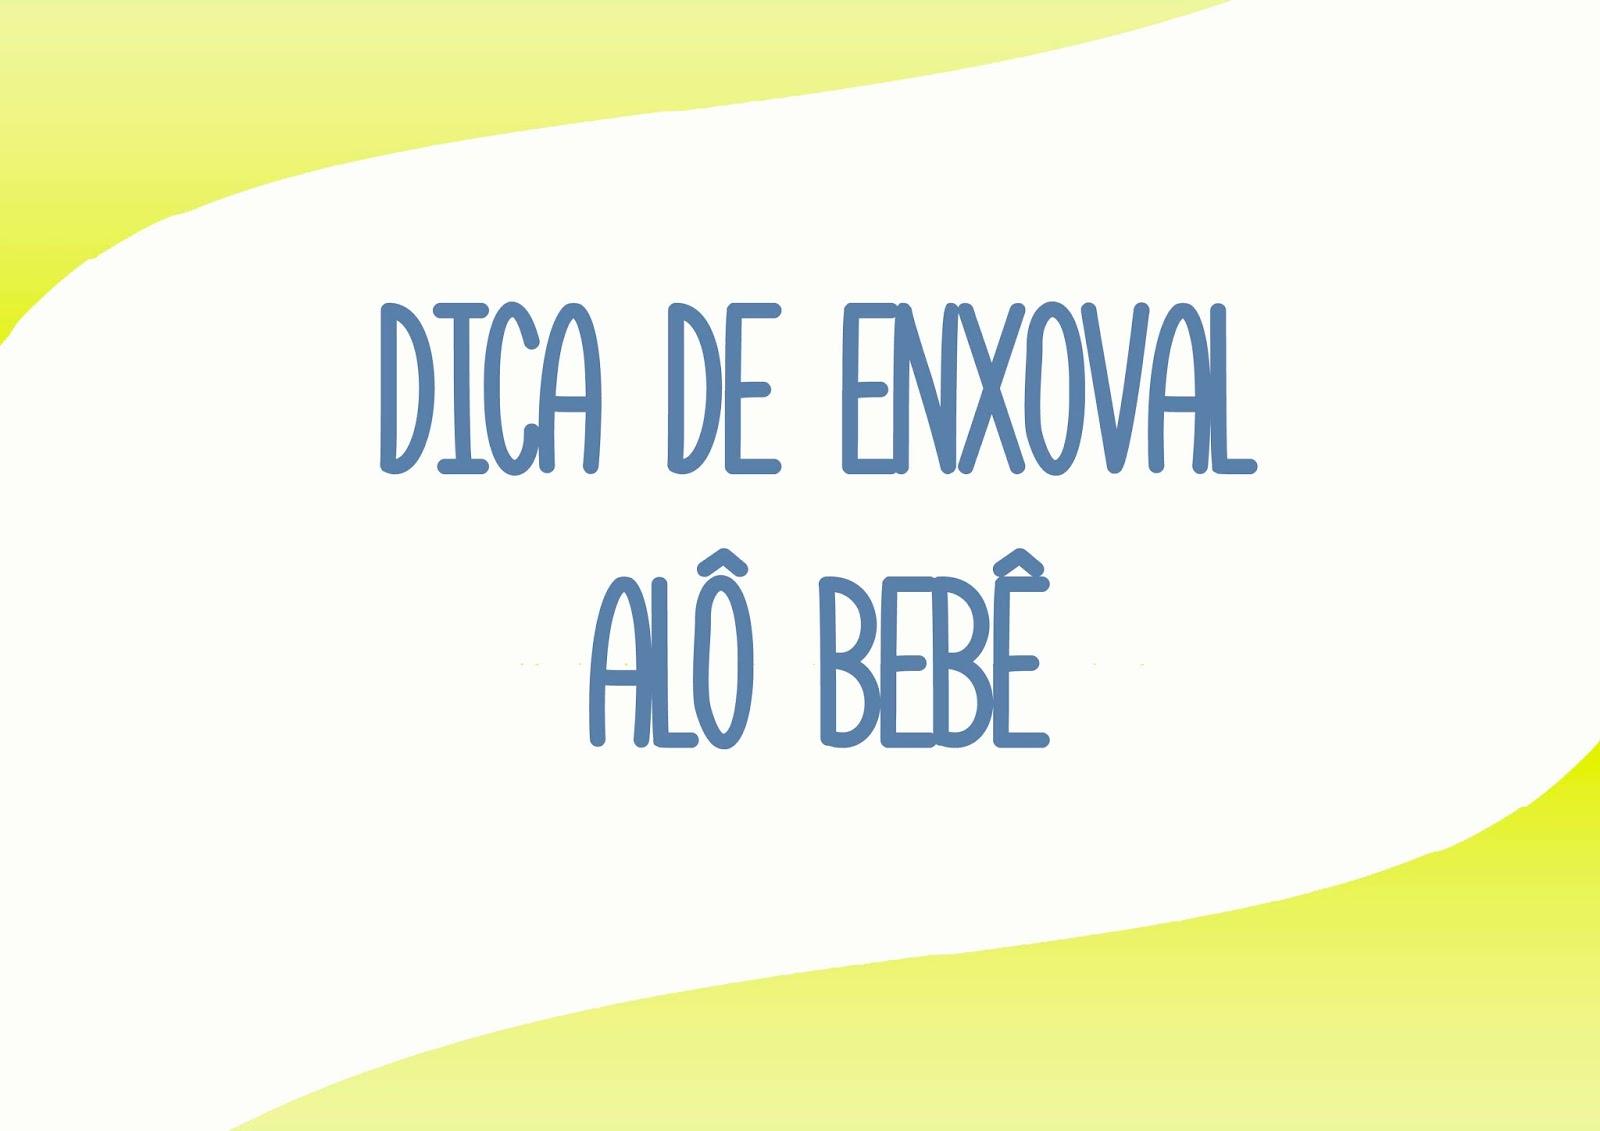 DICAS DE ENXOVAL  f937a7870e1